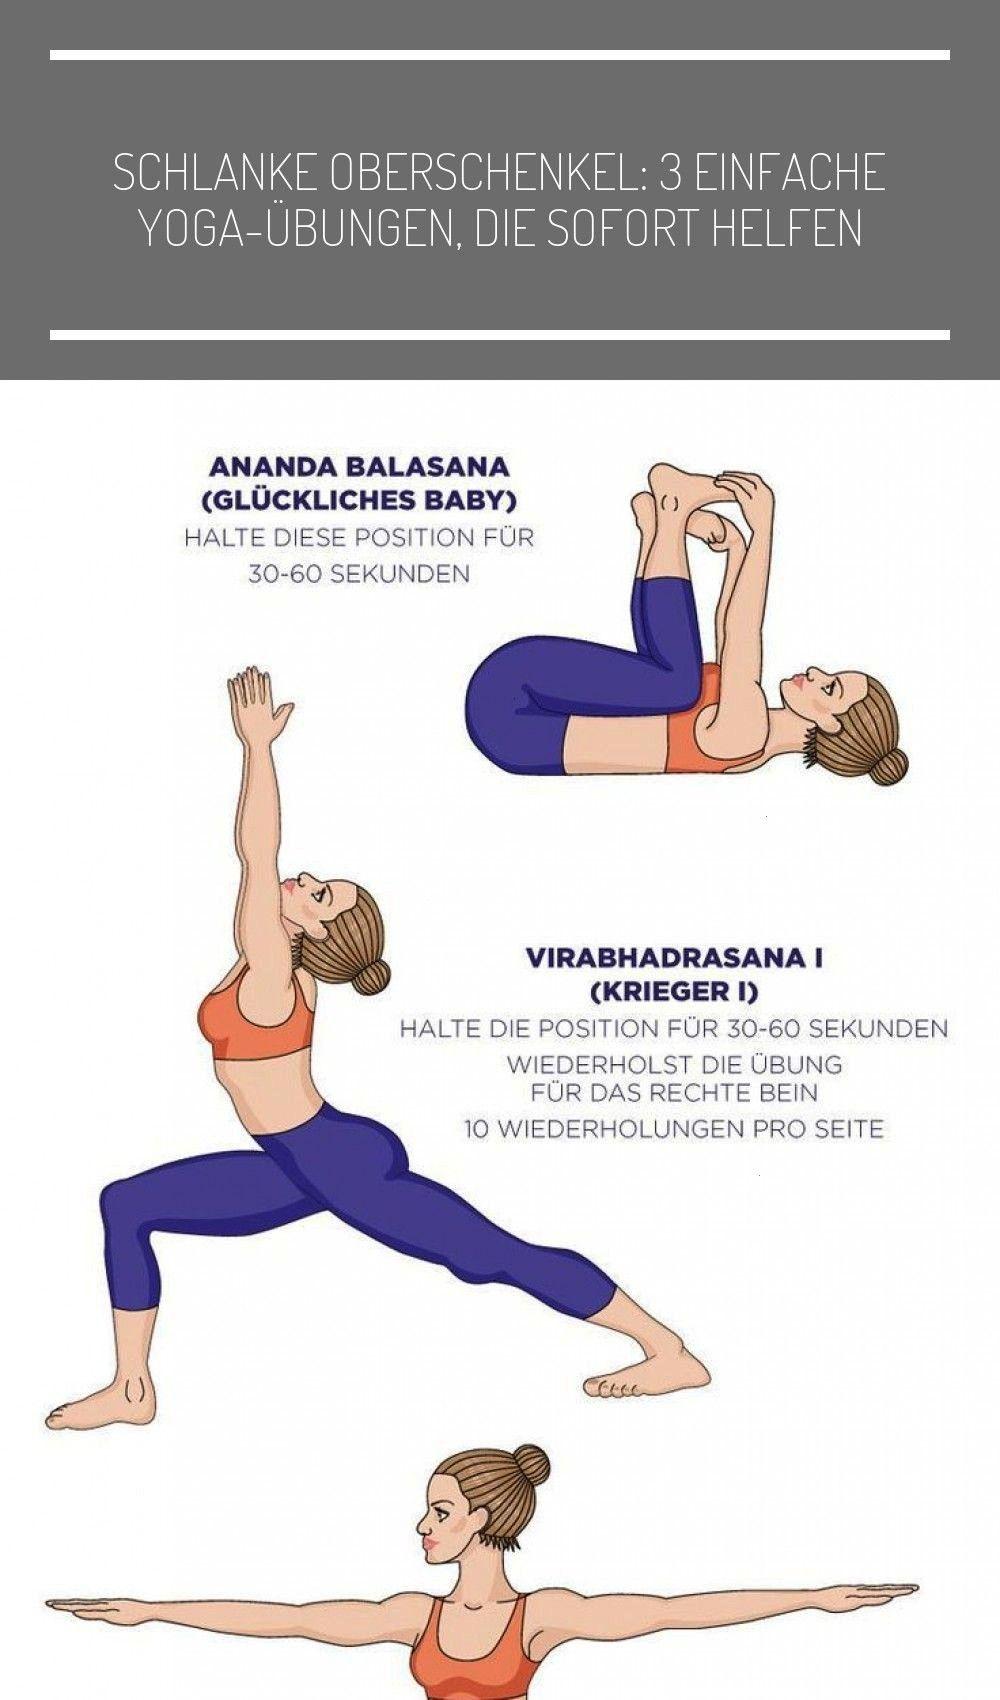 #schlankebeine #yogaübungen #oberschenkel #yogabungen #bodyshape #einfache #training #schlanke #fitn...